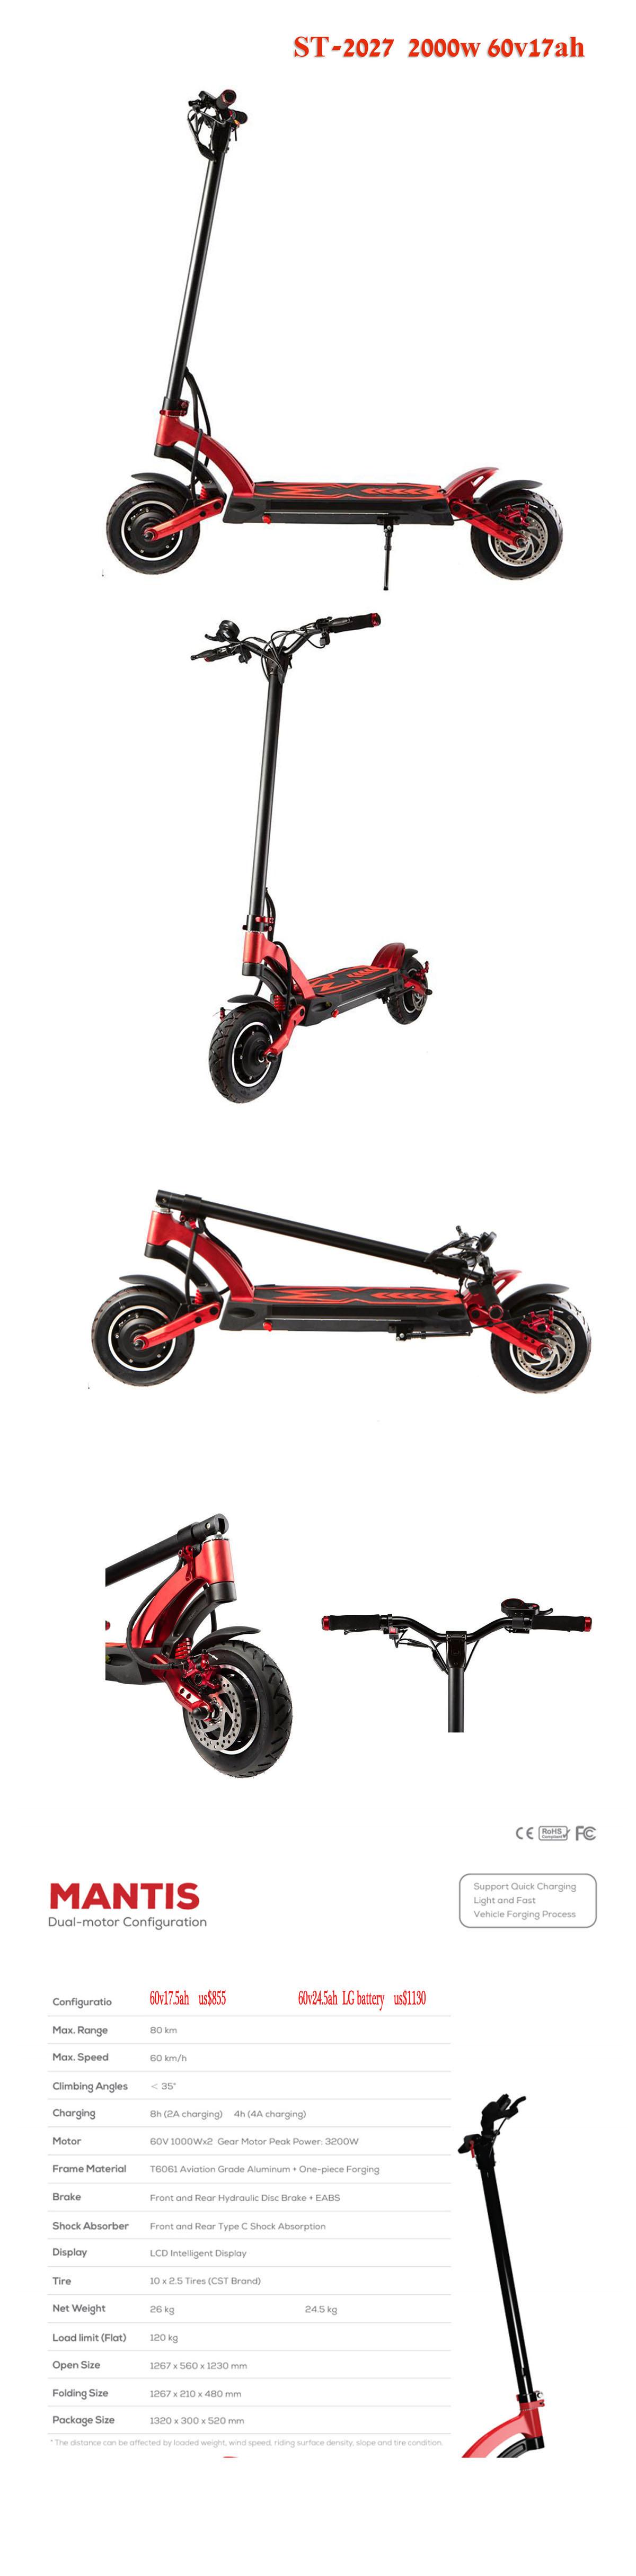 2020 OFF ROAD ล้อออกแบบใหม่ LOW ราคาจีนโรงงานไฟฟ้า E จักรยานไฟฟ้าสกู๊ตเตอร์